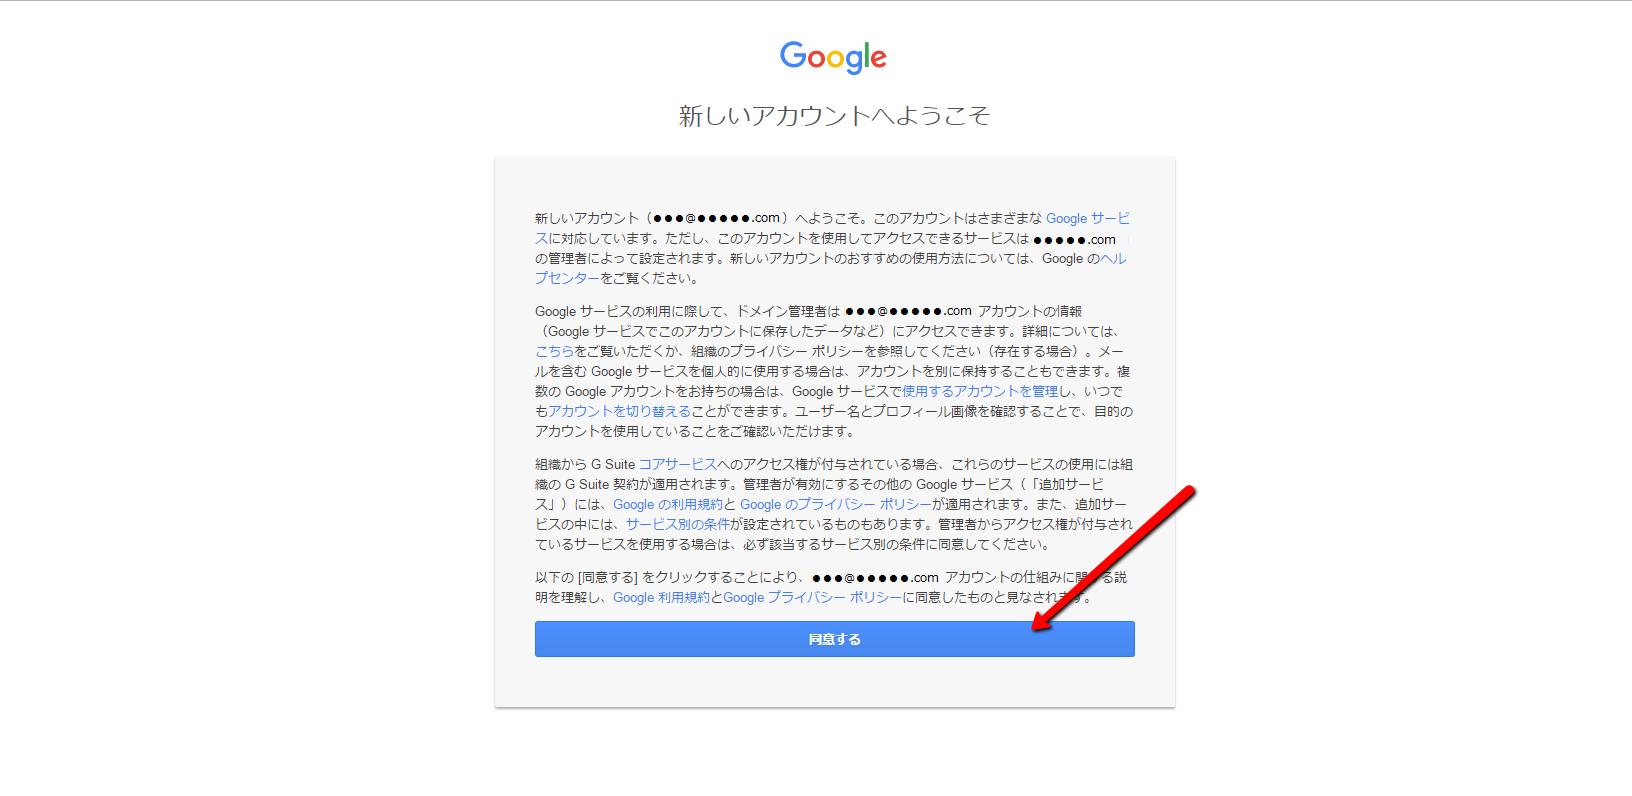 2. Googleの利用規約とプライバシーポリシーを確認し、「同意する」をクリック